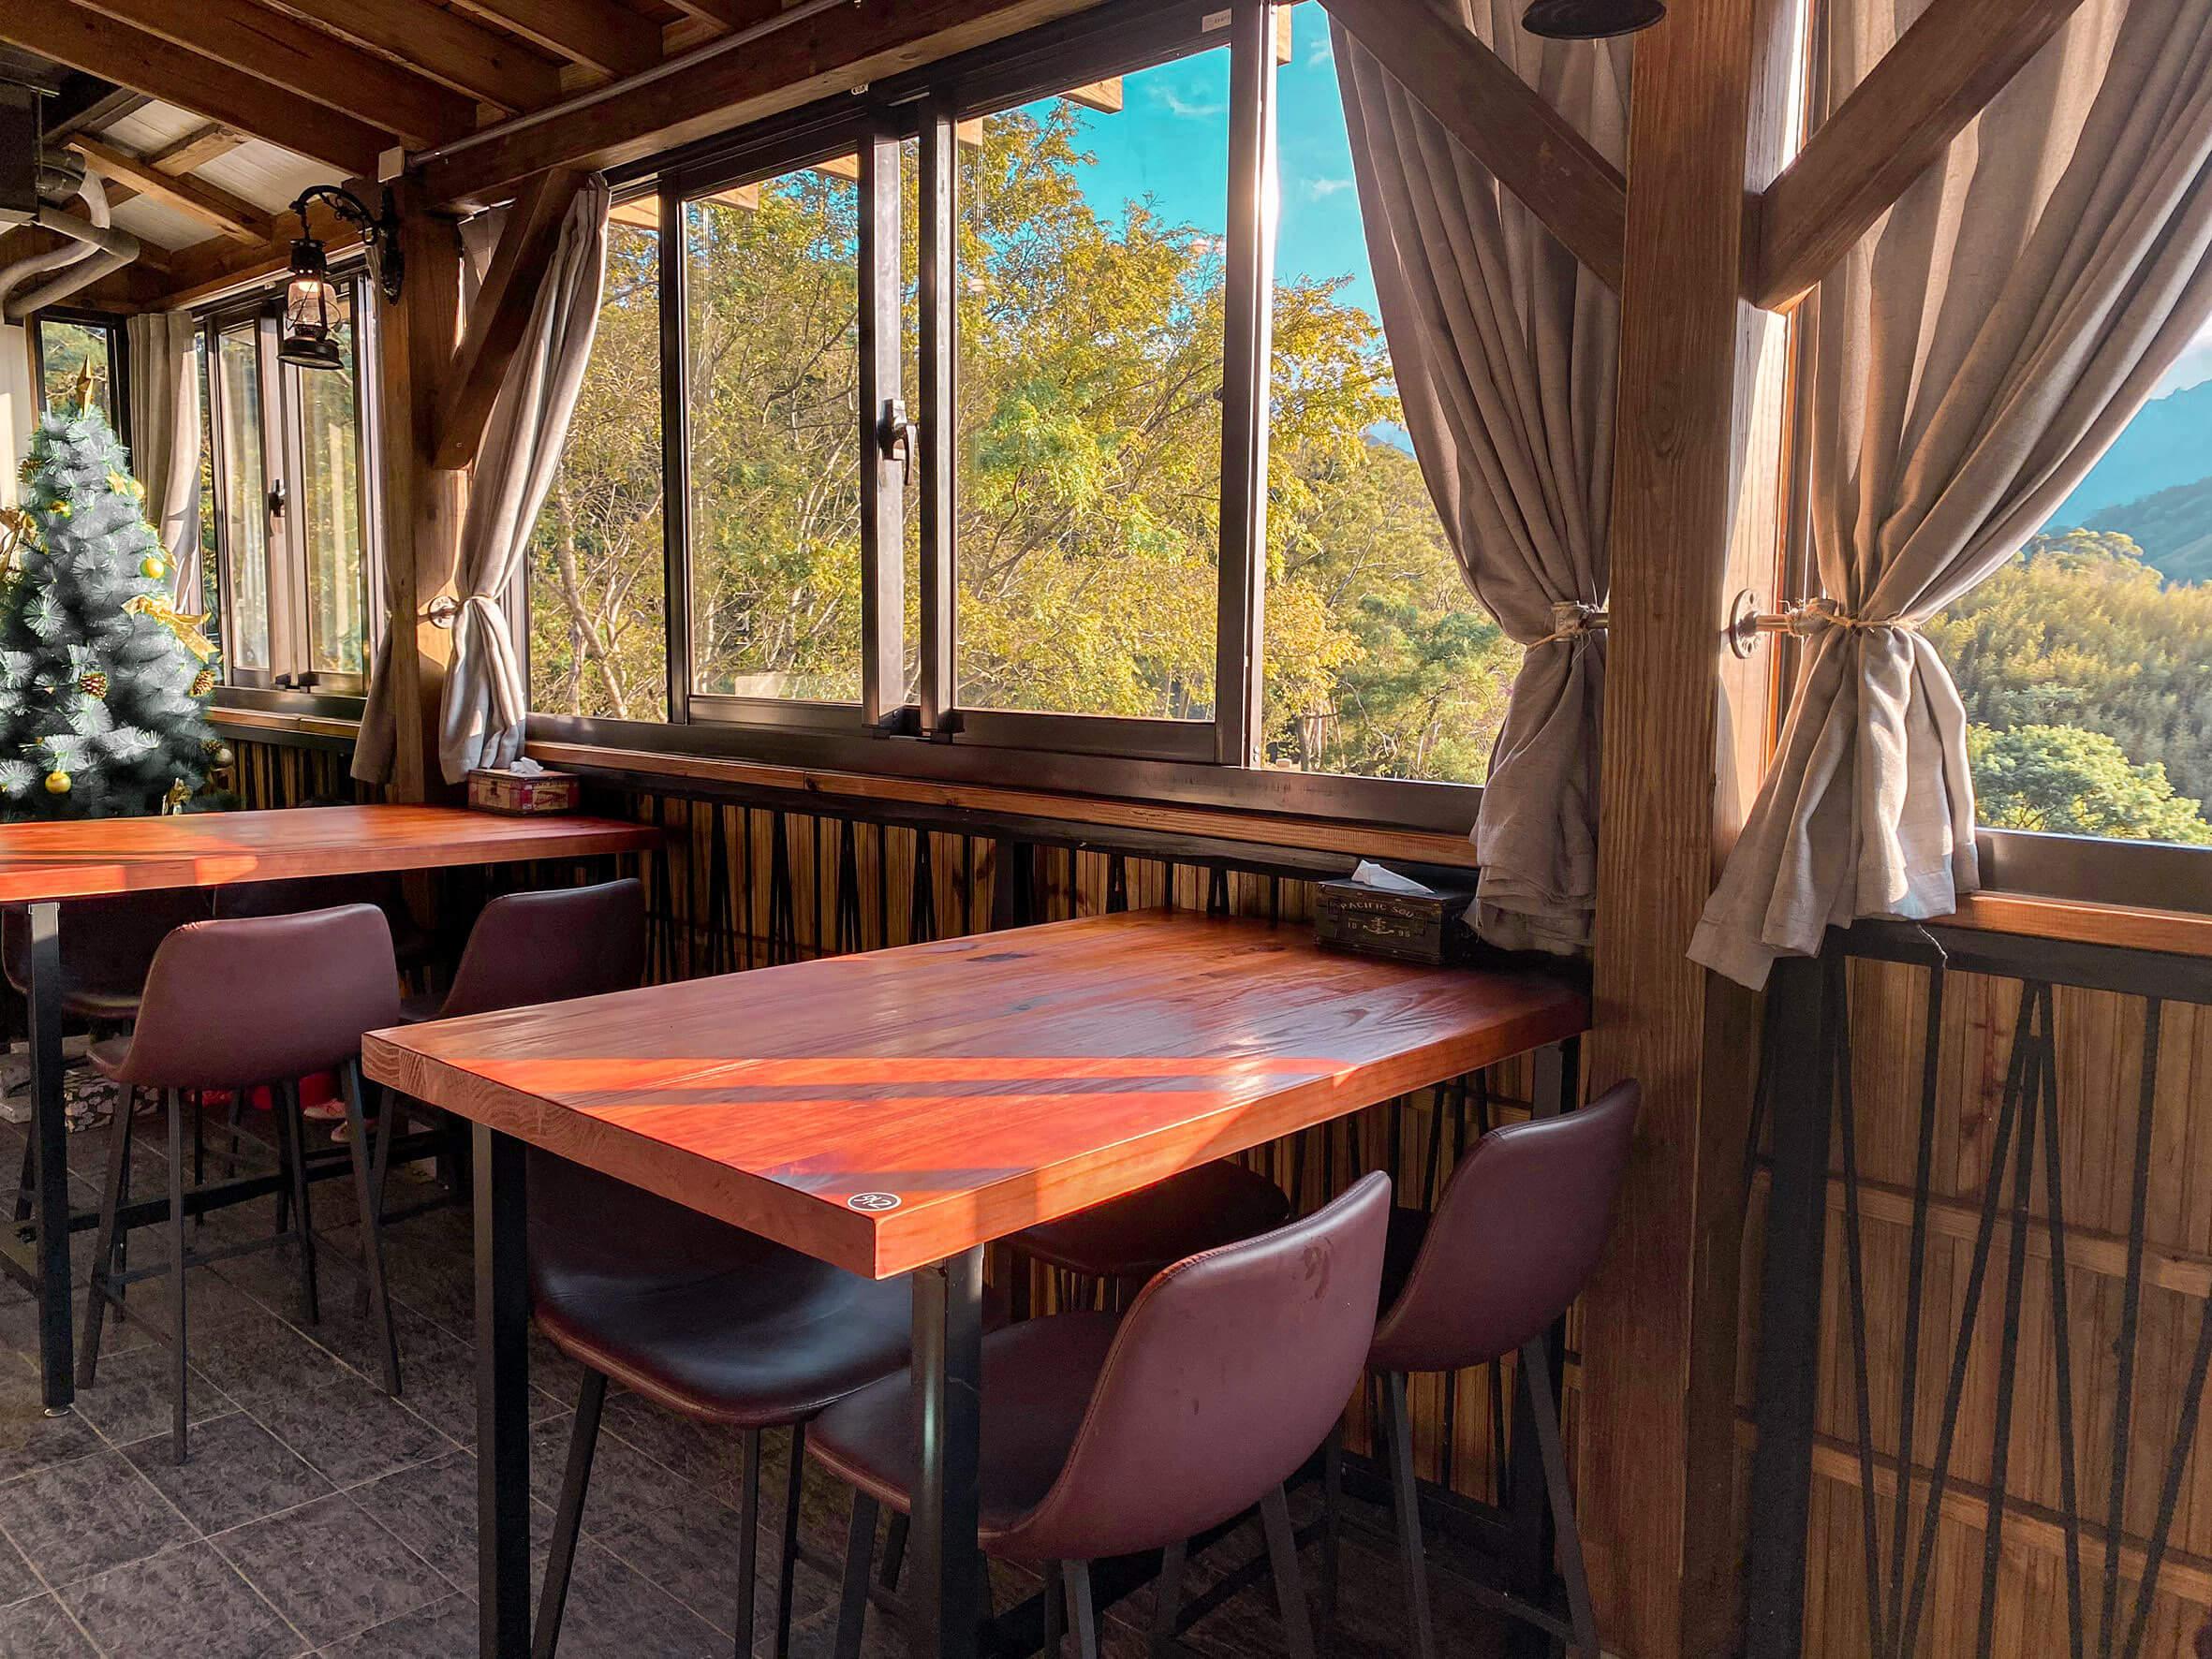 桃園景觀餐廳|丸山咖啡/ 復興區景觀餐廳 / 環境